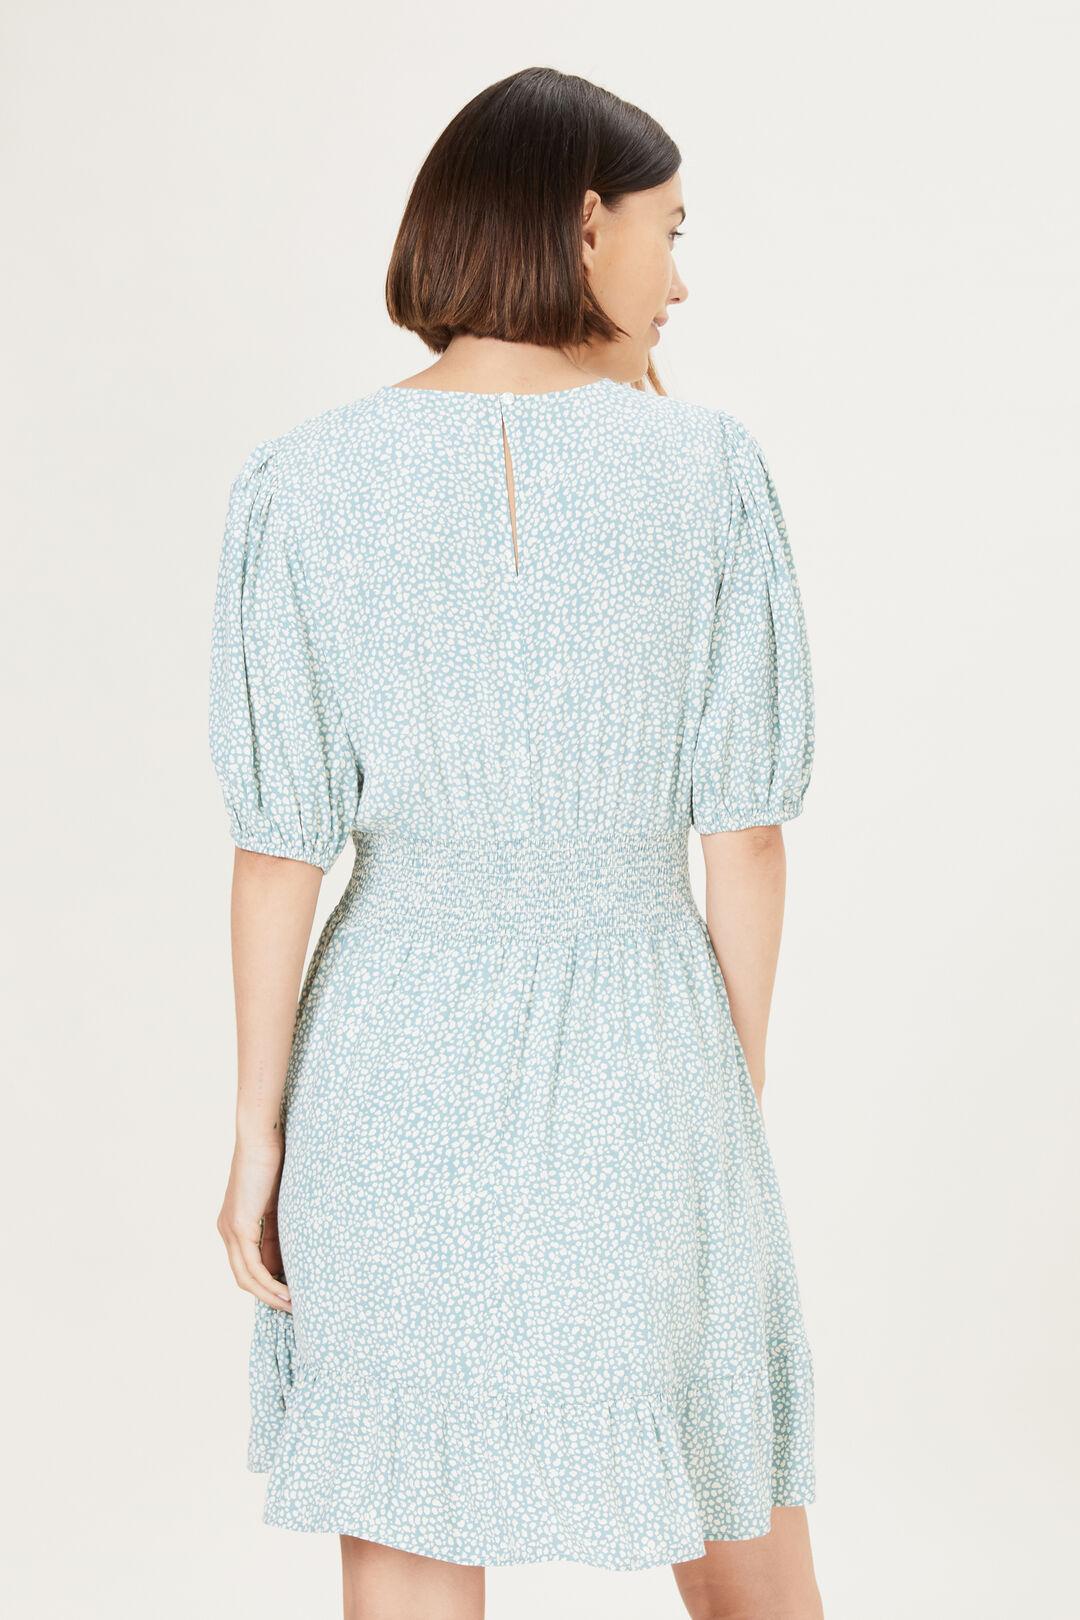 SPOT TEA DRESS  SAGE/VINTAGE WHITE  hi-res